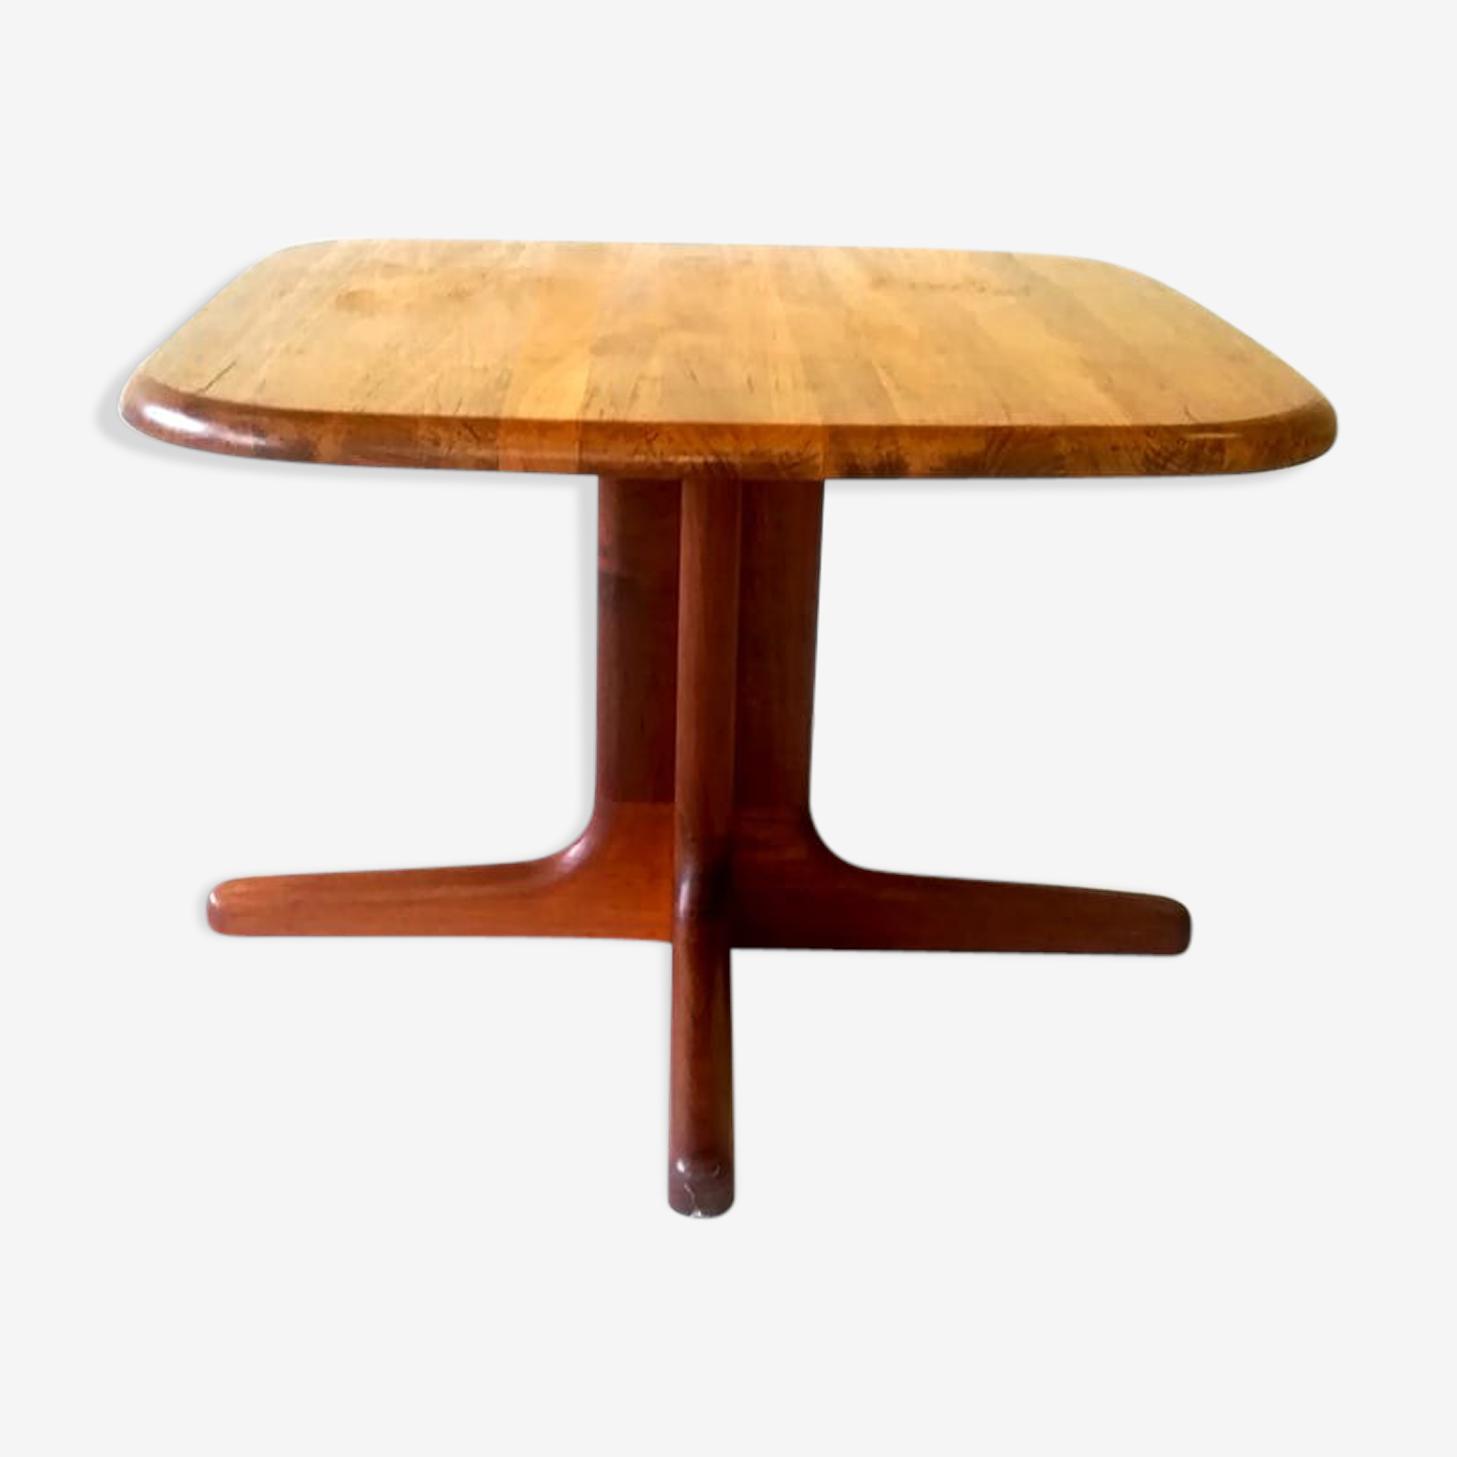 Table basse en teck, design danois, années 1970